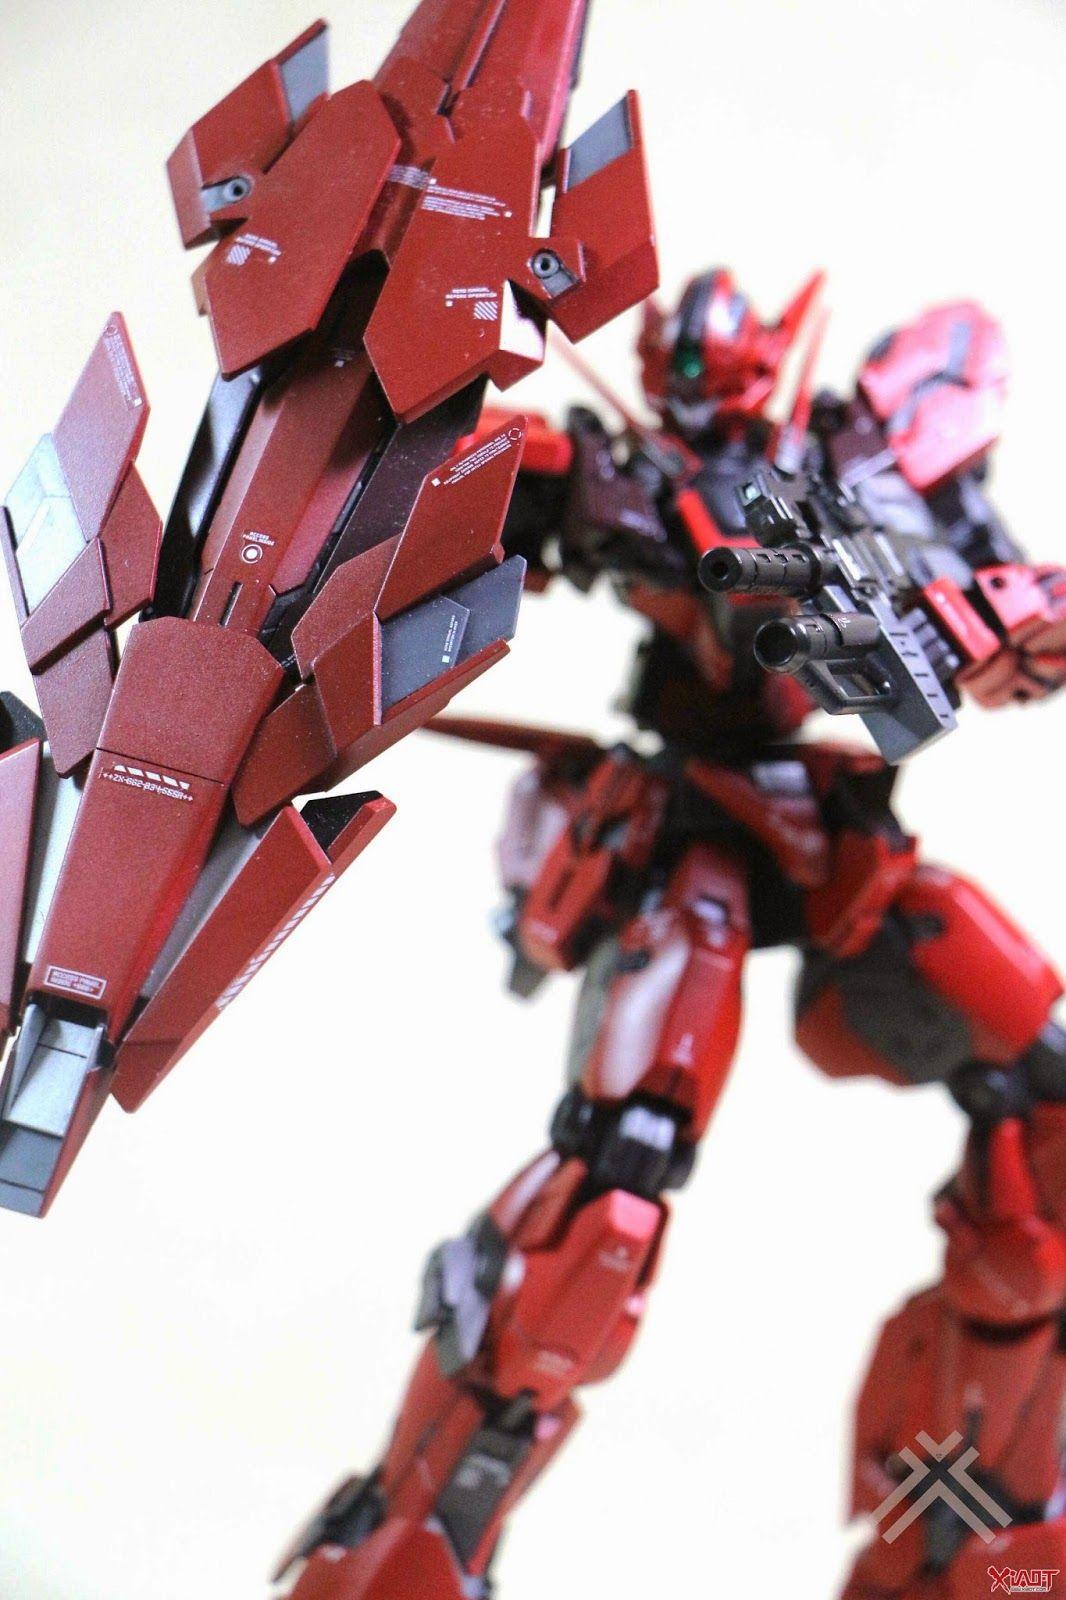 GUNDAM GUY: 1/144 GNRX-0[F] Unicorn Gundam Type-F - Custom Build [Updated 12/28/14]